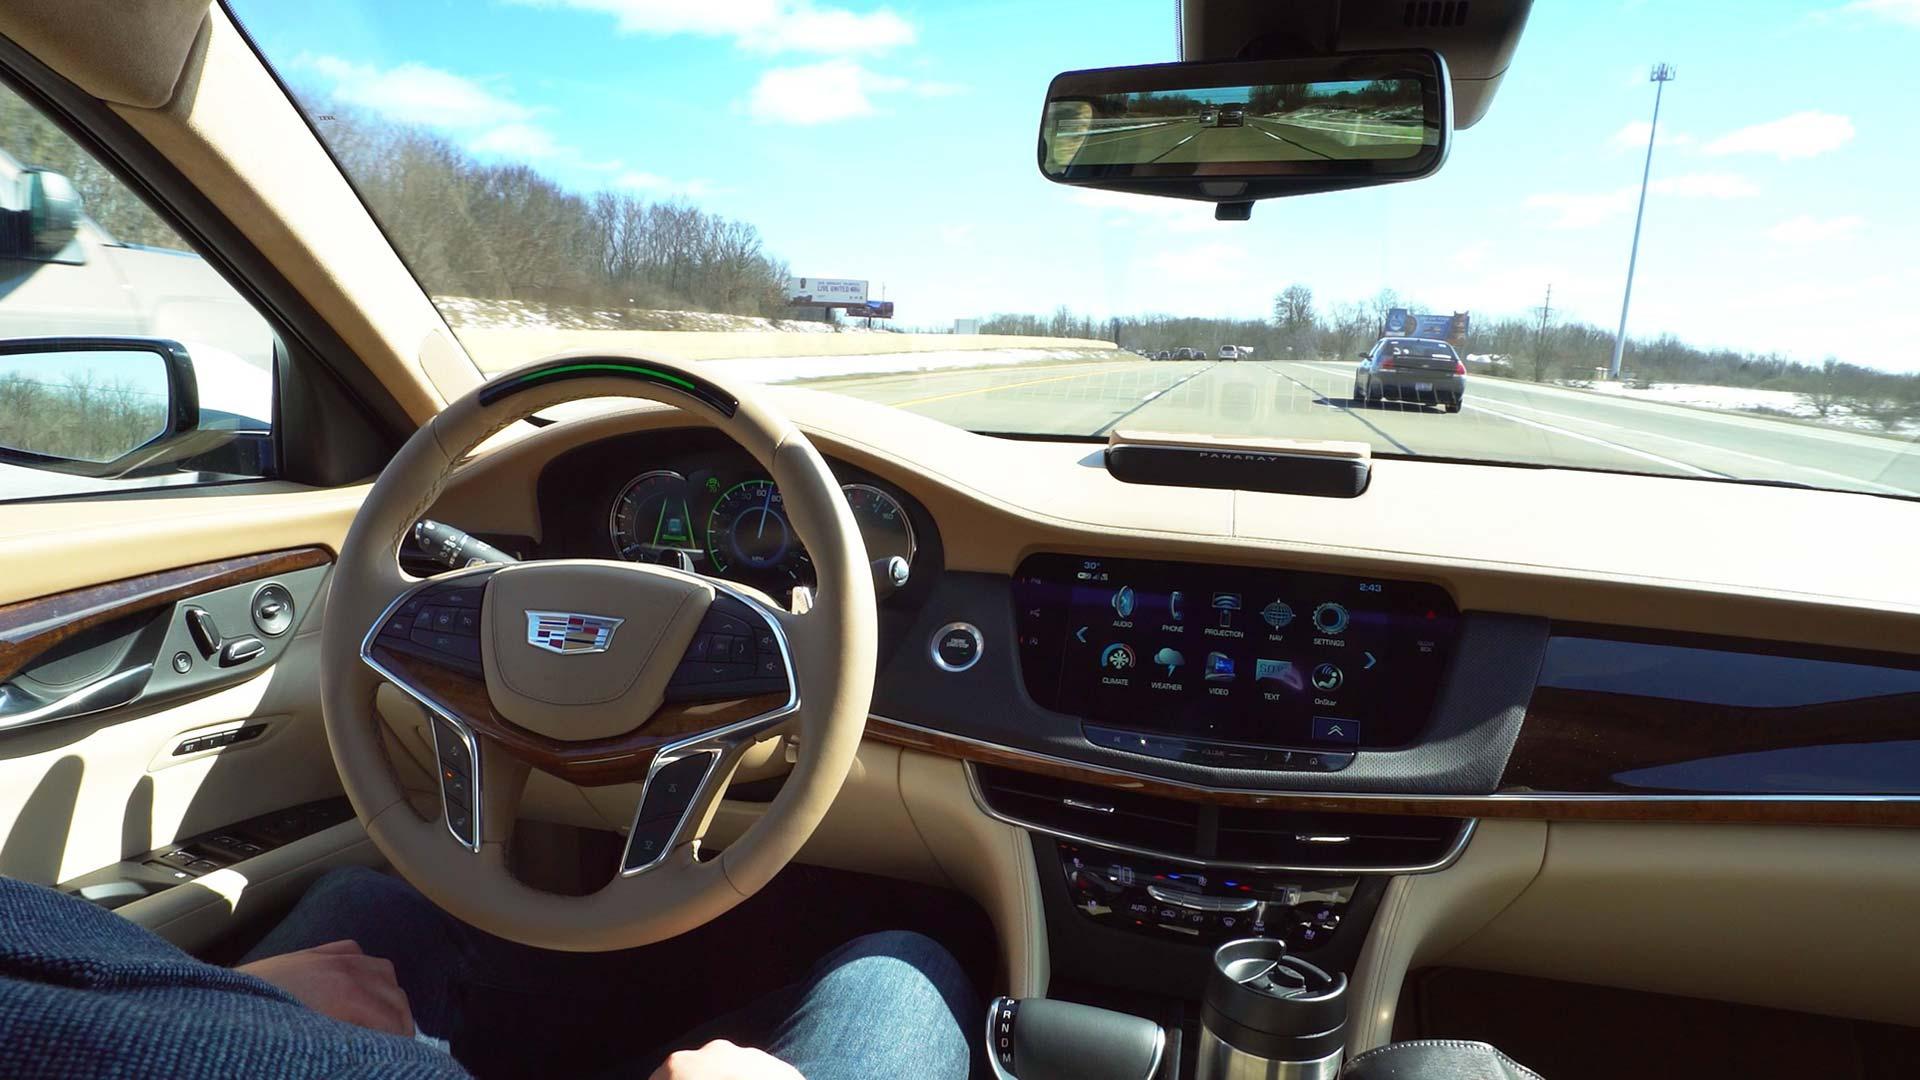 Smart Self-Driving Car